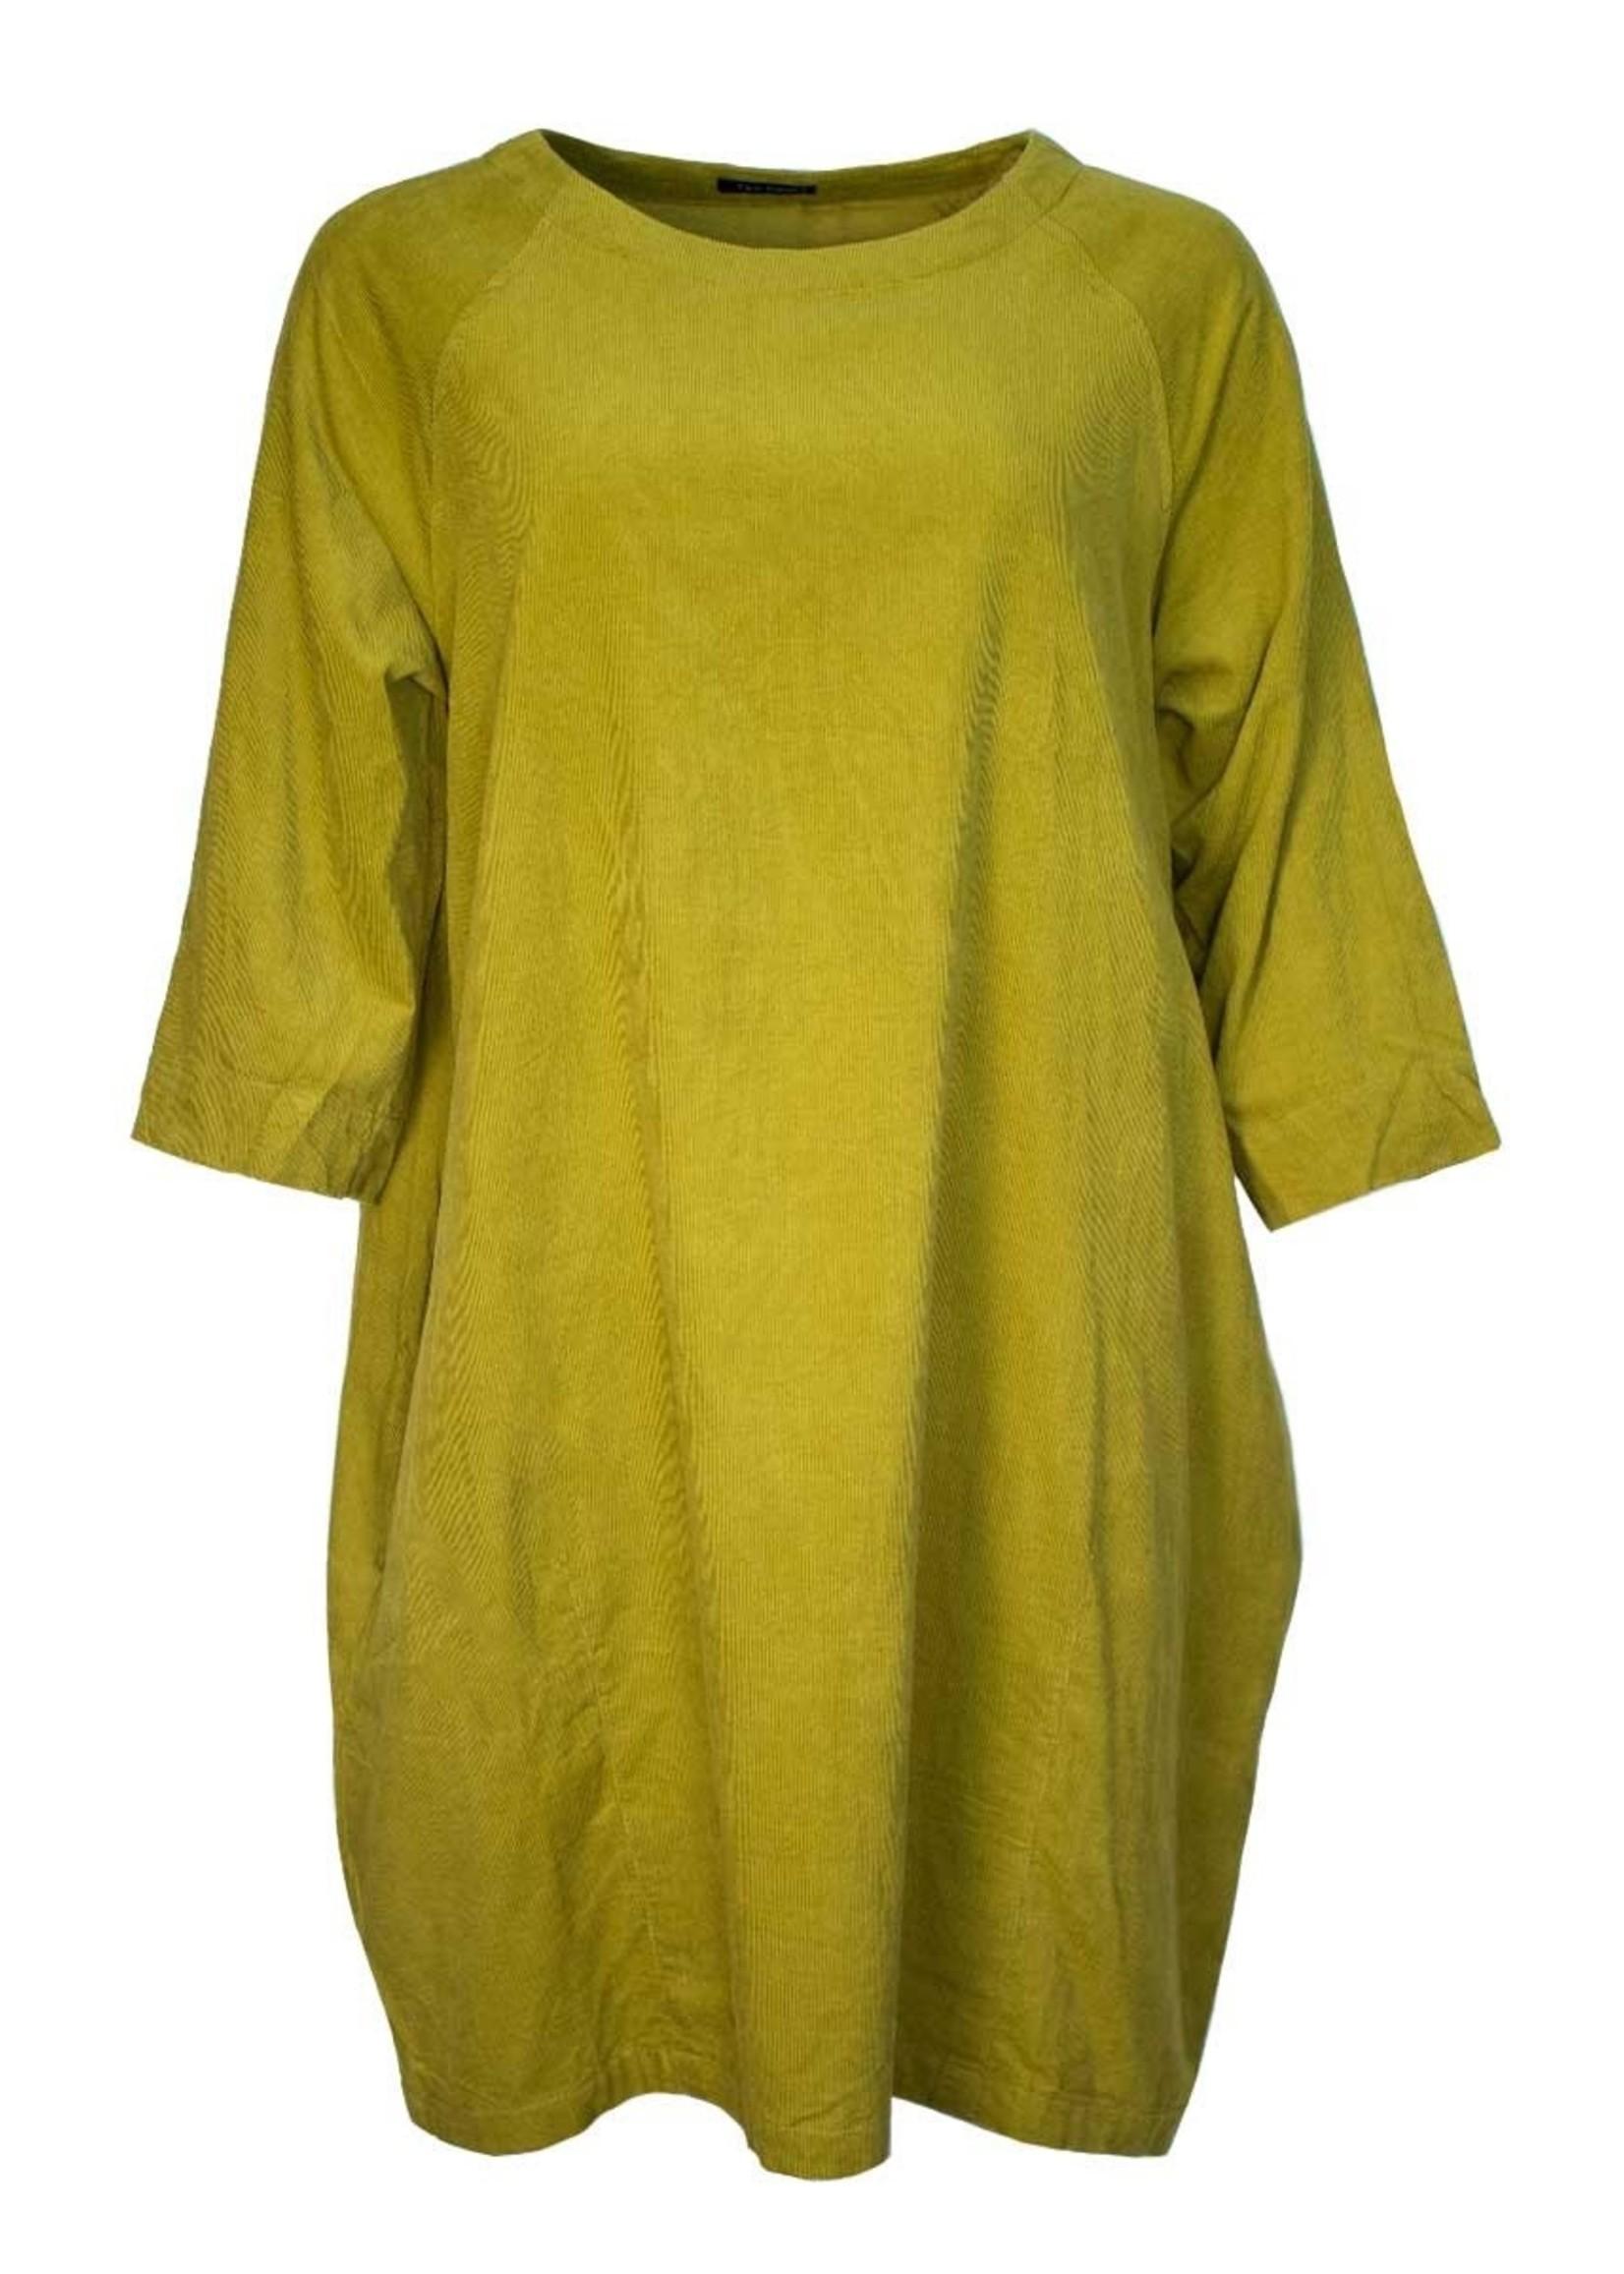 TWO DANES 43514 camilla dress